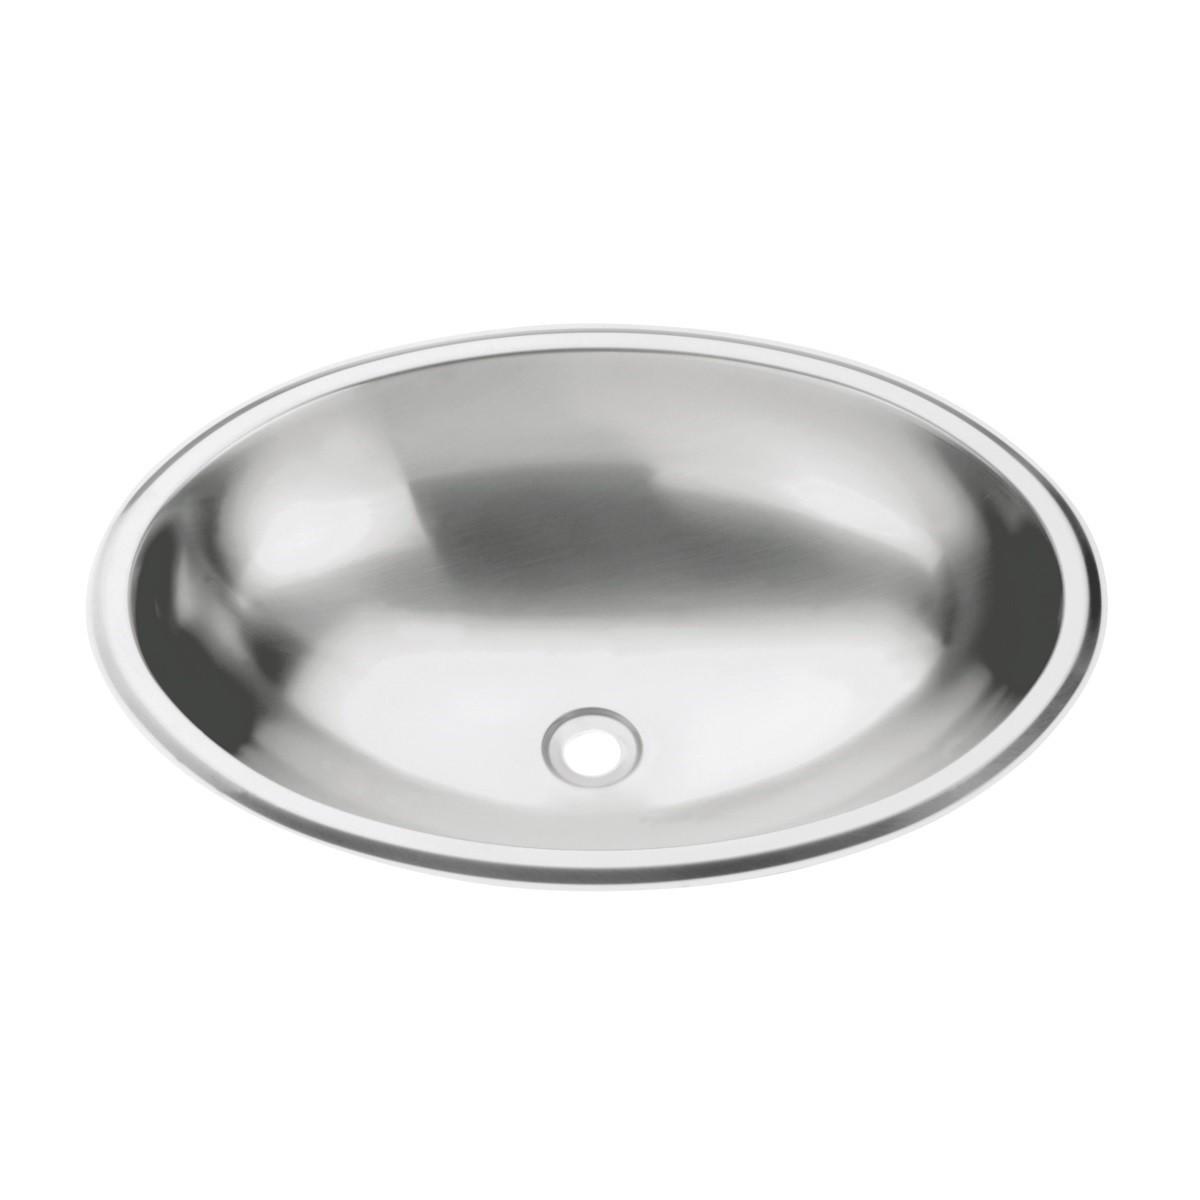 Lavabo Oval de sobrepor Tramontina em Aço Inox com Acabamento Alto Brilho 36 x 26 cm  Tramontina 94113207